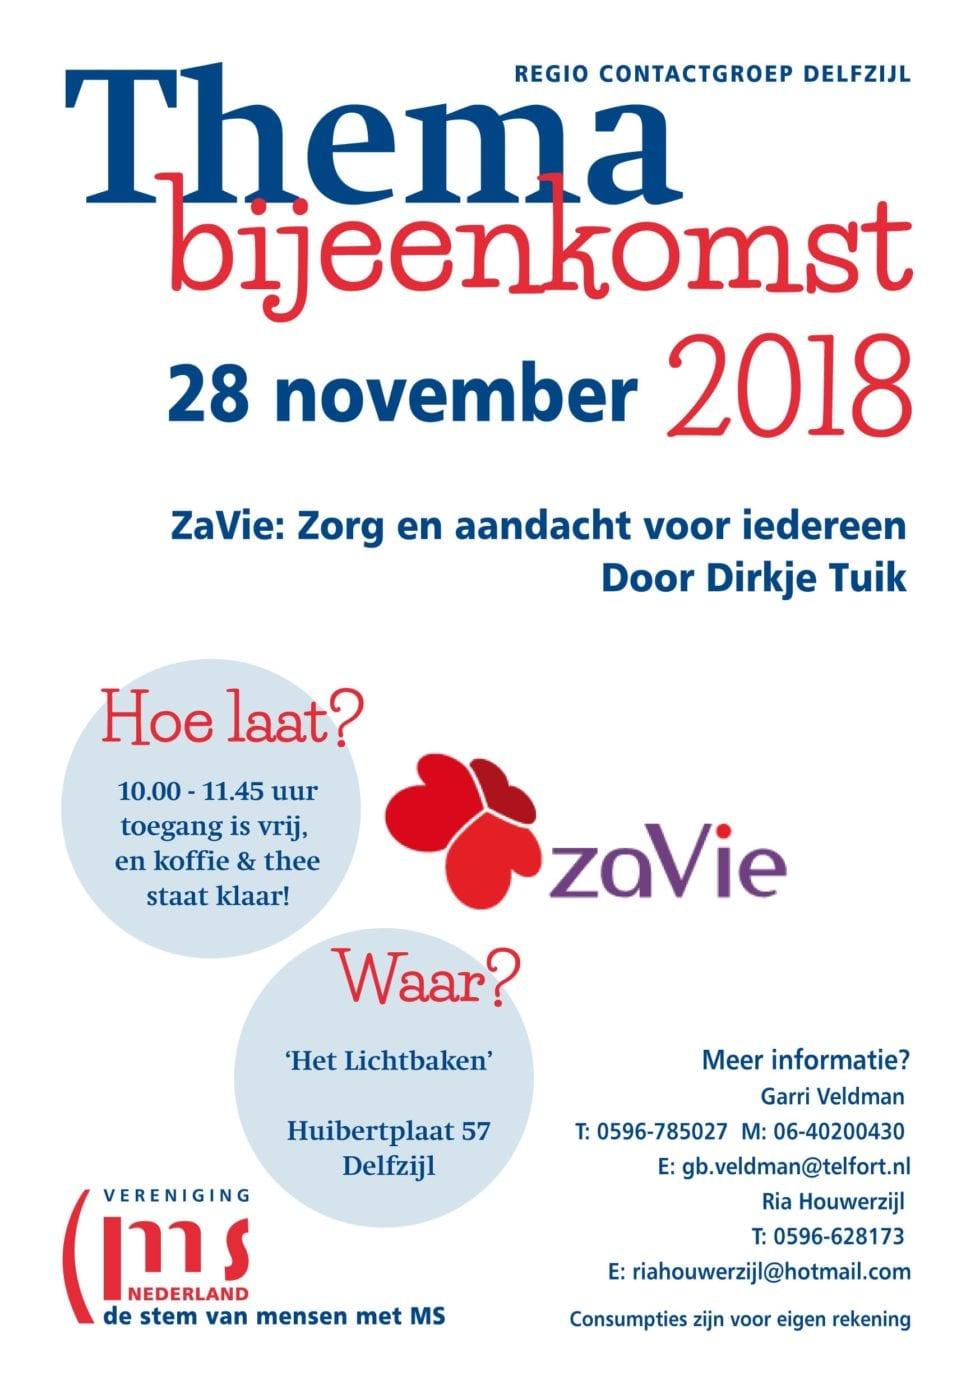 28 November Delfzijl